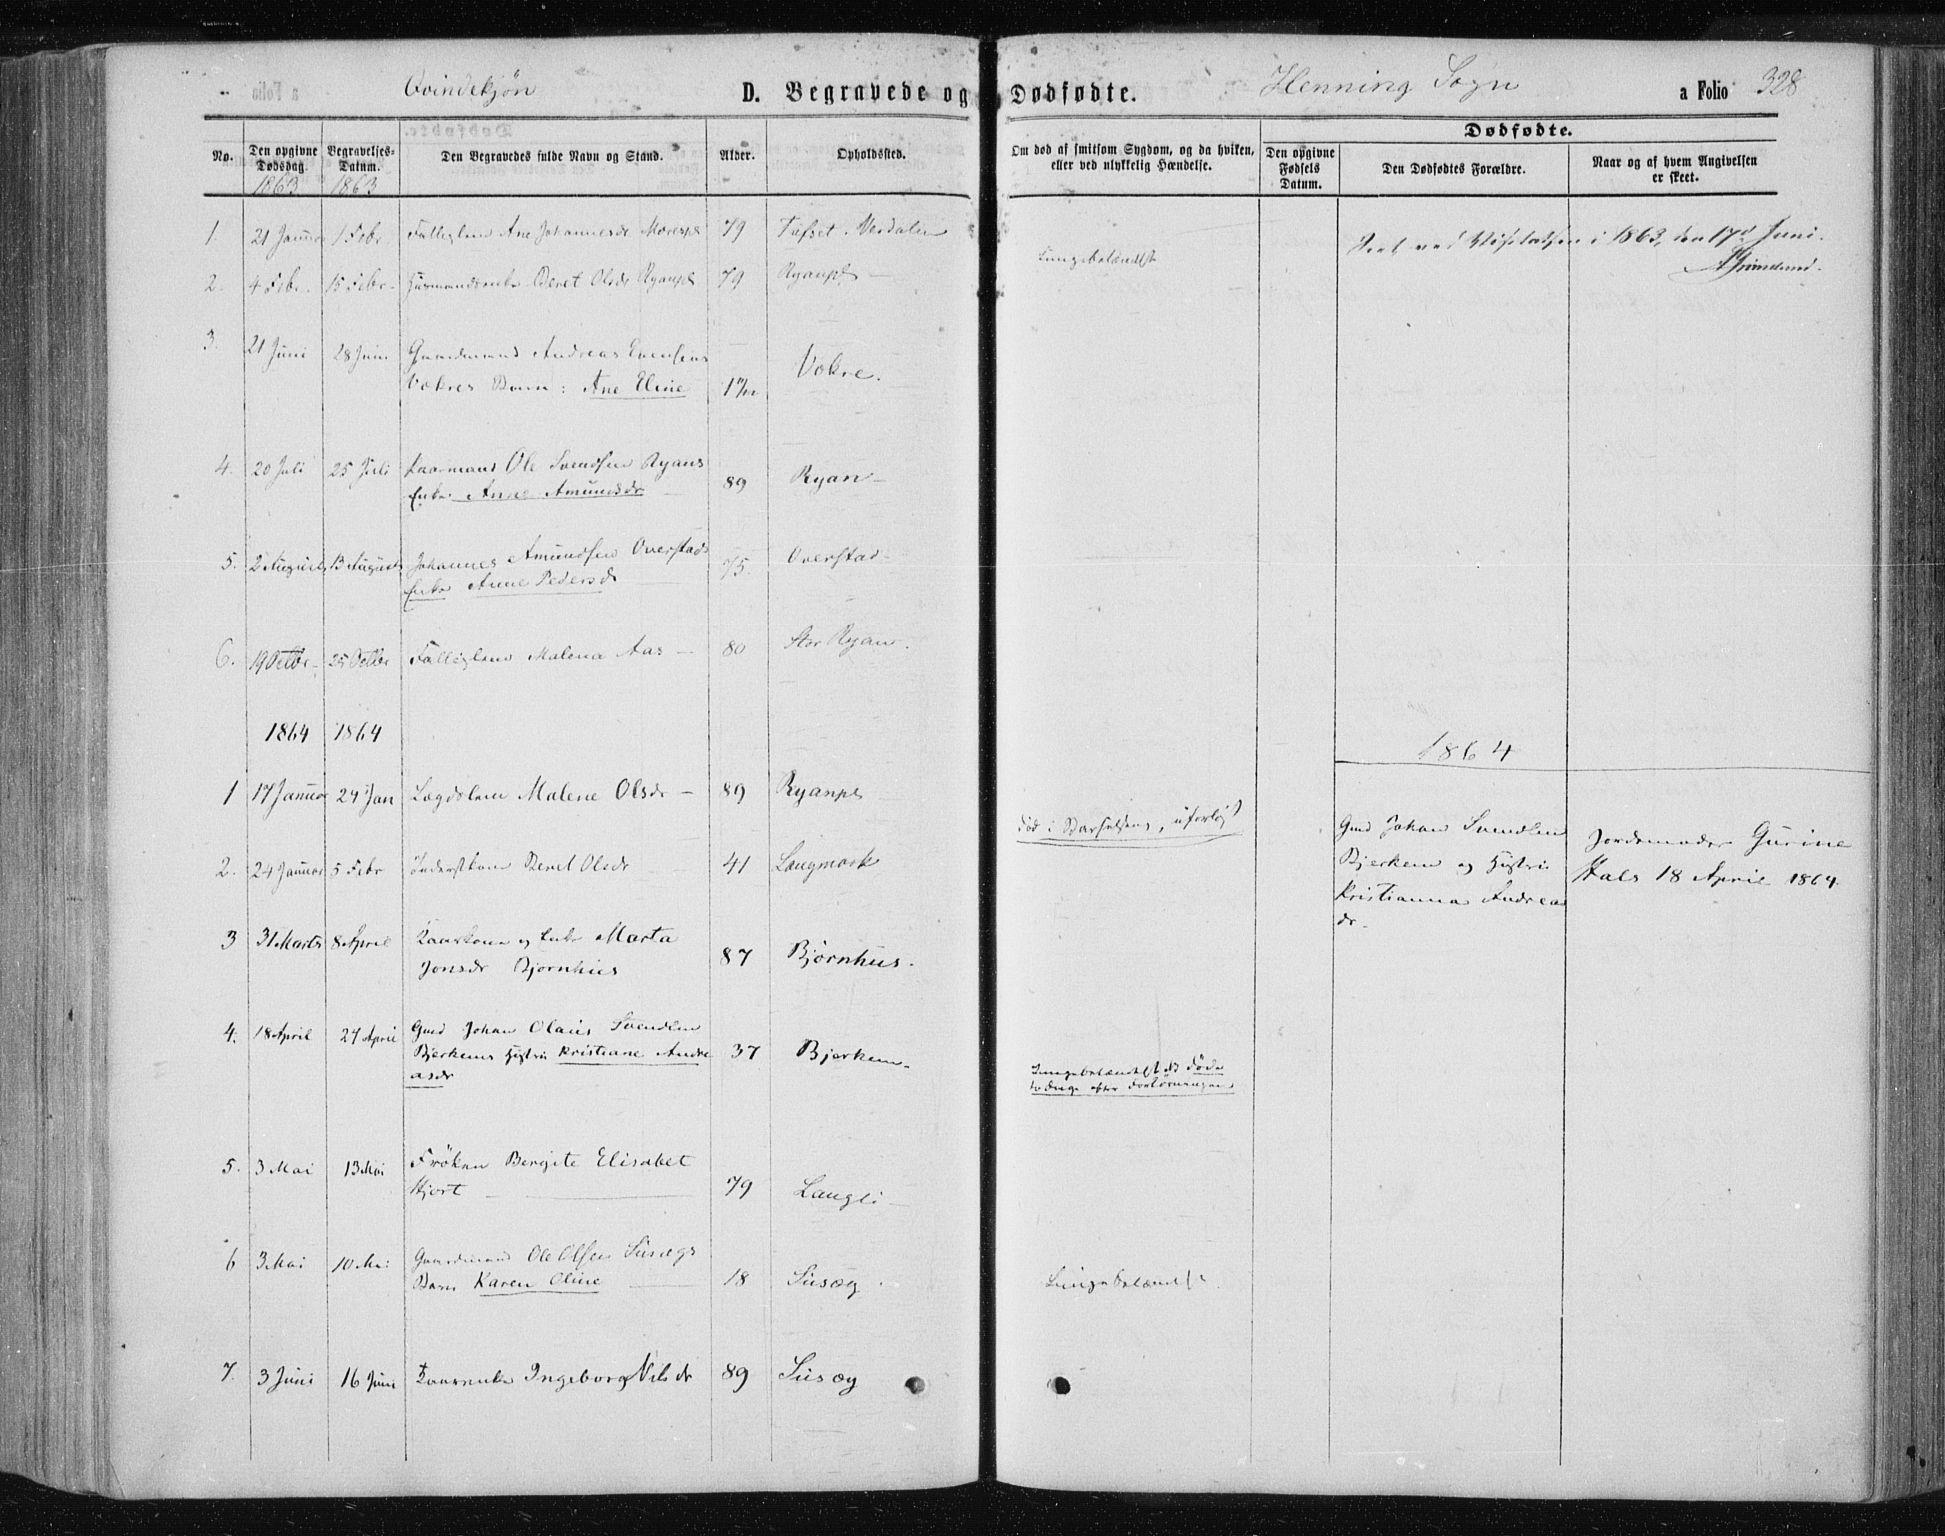 SAT, Ministerialprotokoller, klokkerbøker og fødselsregistre - Nord-Trøndelag, 735/L0345: Ministerialbok nr. 735A08 /3, 1863-1872, s. 328